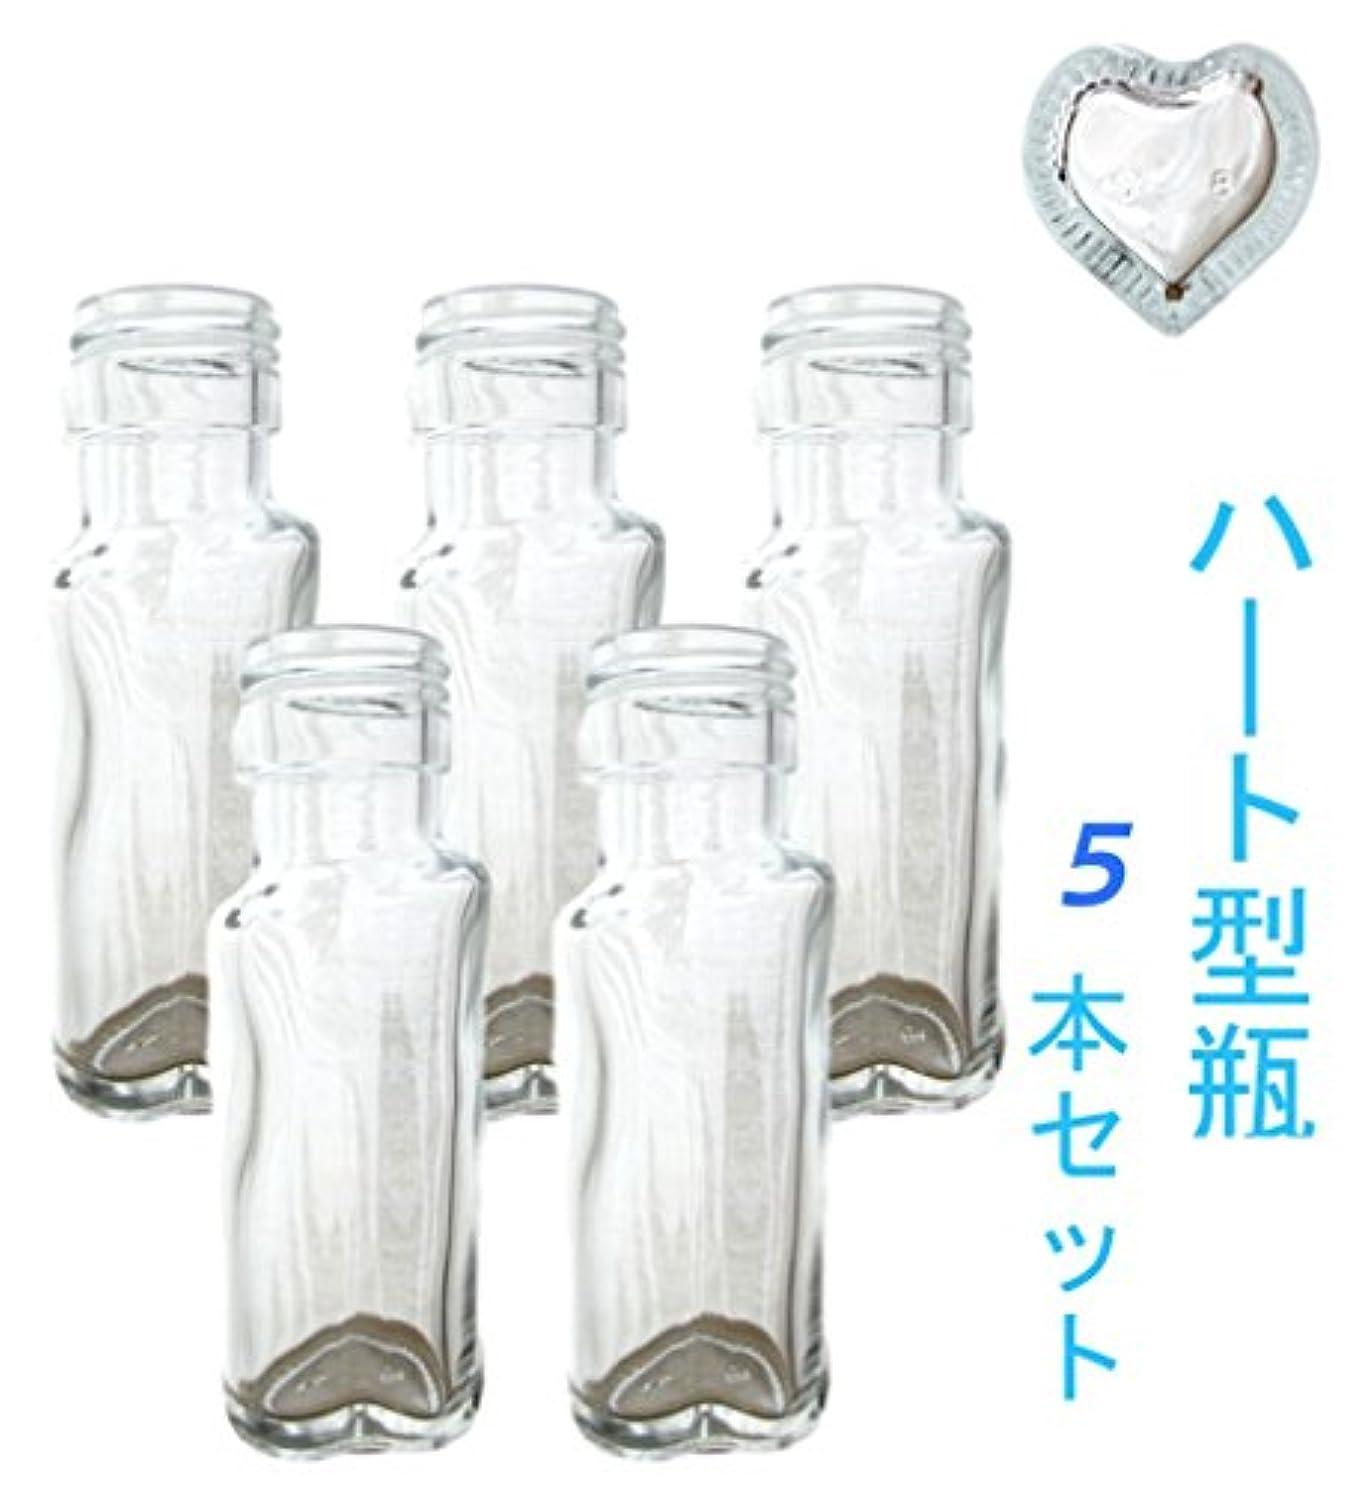 動かす染色悔い改める(ジャストユーズ) JustU's 日本製 ポリ栓 中栓付きハート型ガラス瓶 5本セット 50cc 50ml アロマデュフューザー ハーバリウム 調味料 オイル タレ ドレッシング瓶 B5-SSH50A-KAS